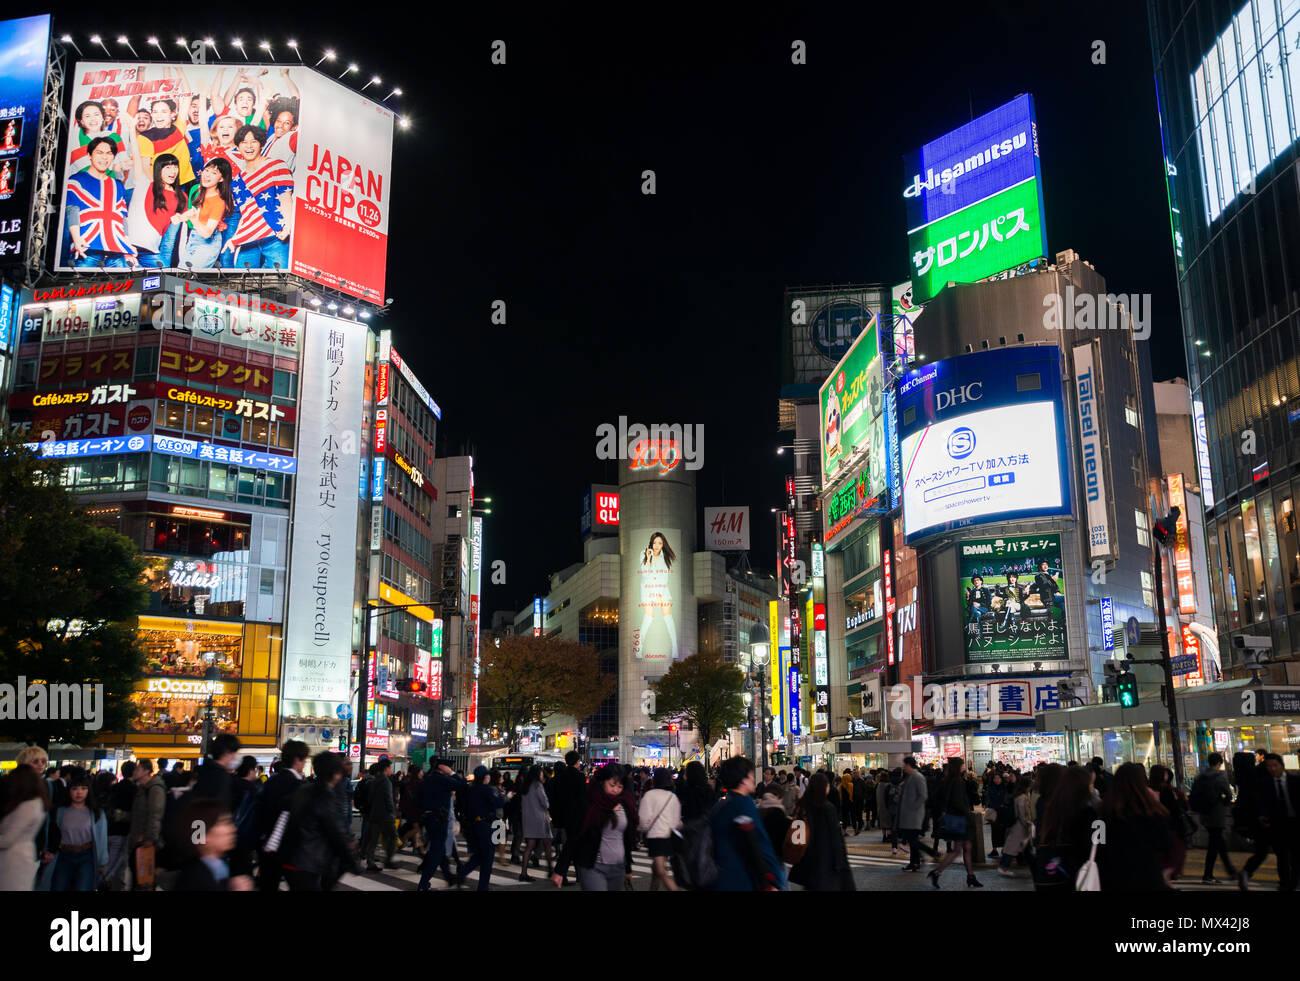 Tokyo by night. Le fameux croisement de Shibuya, l'intersection la plus occupée dans le monde Banque D'Images